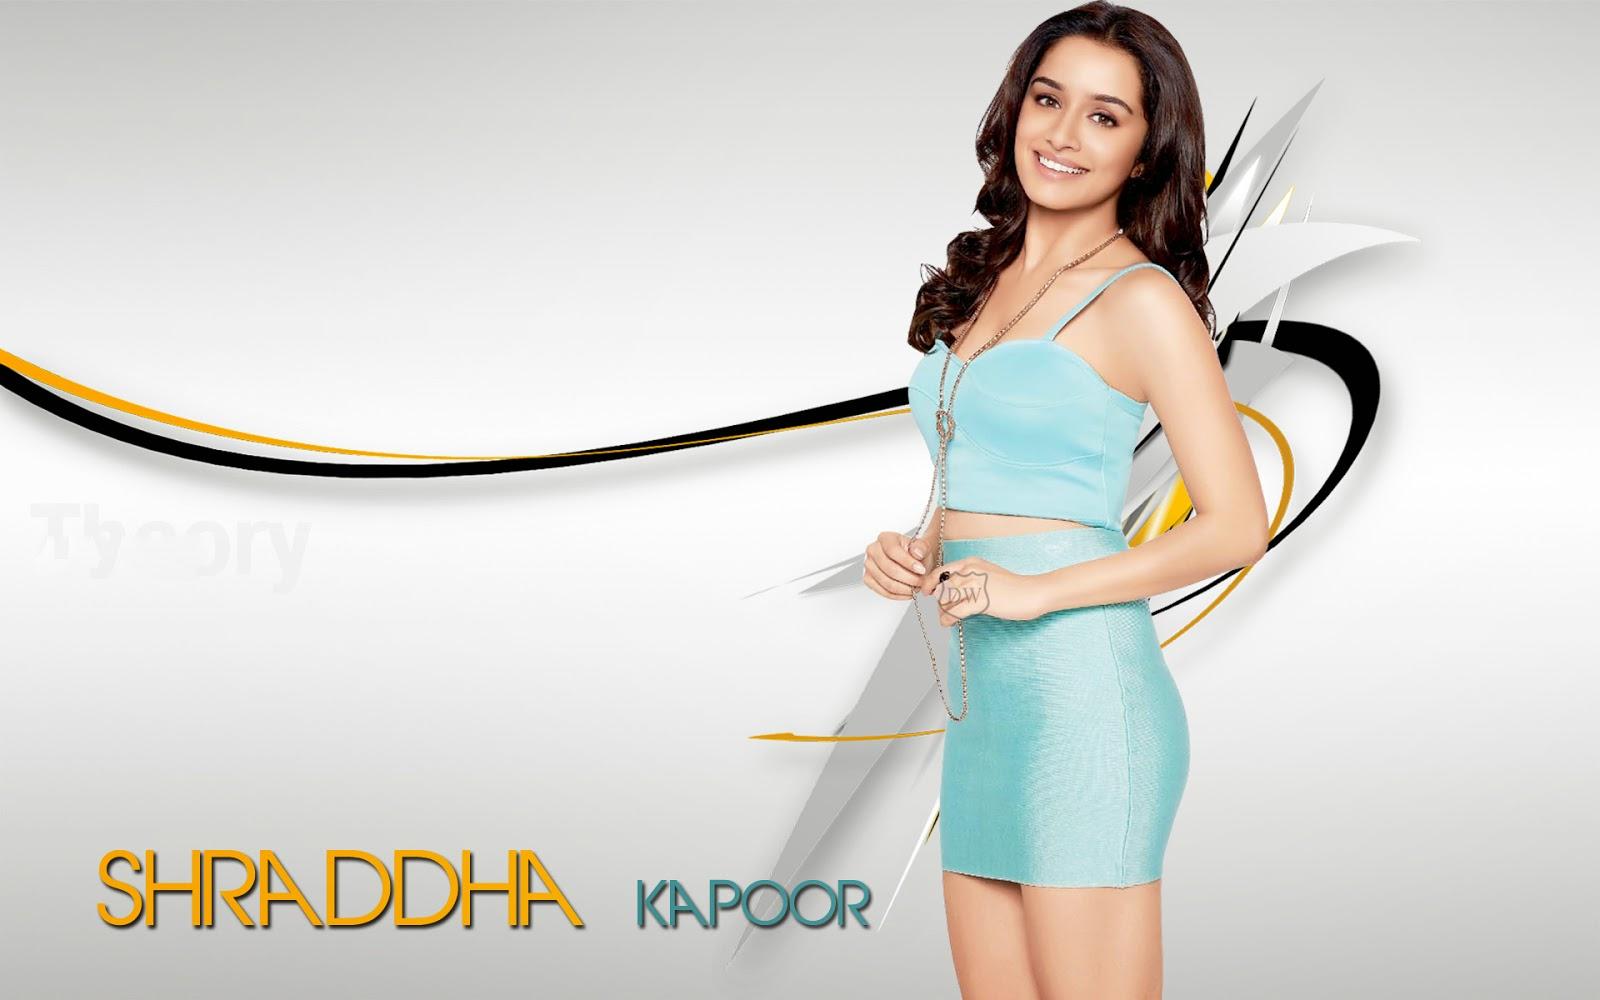 Shraddha Kapoor Hd Wallpapers  Hot Shraddha Kapoor Images -8828